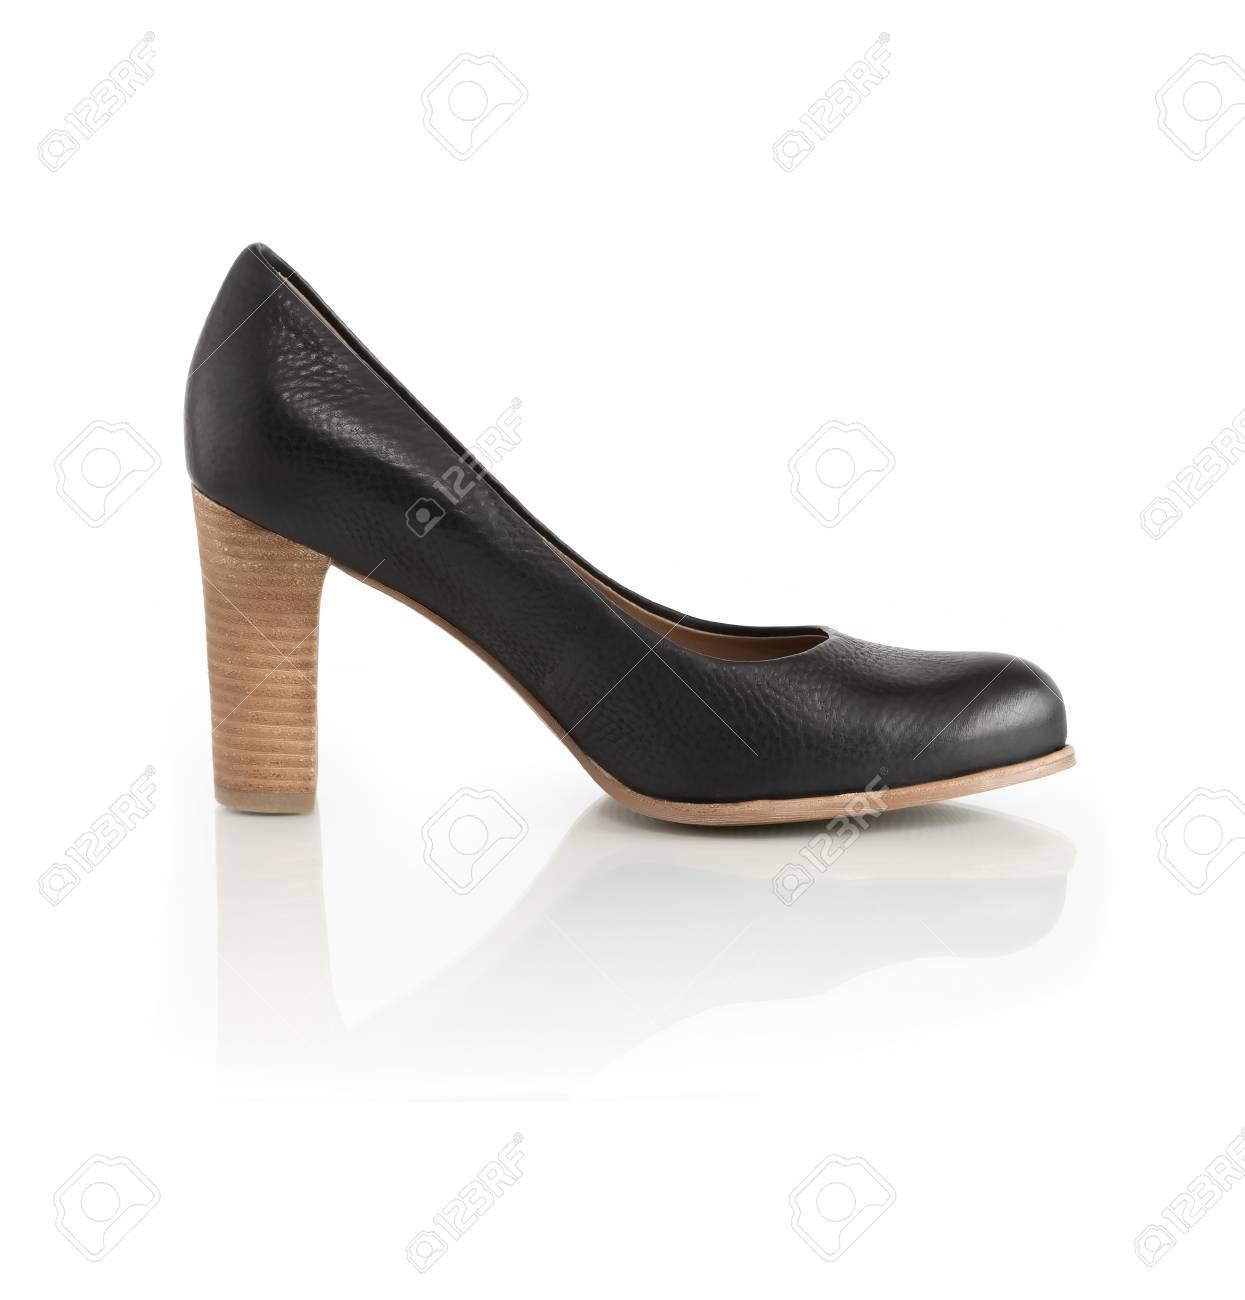 Tacón Negro Sobre Mujer Blanco Un De Con Zapato Cuero Fondo Alto c3TFlJK1